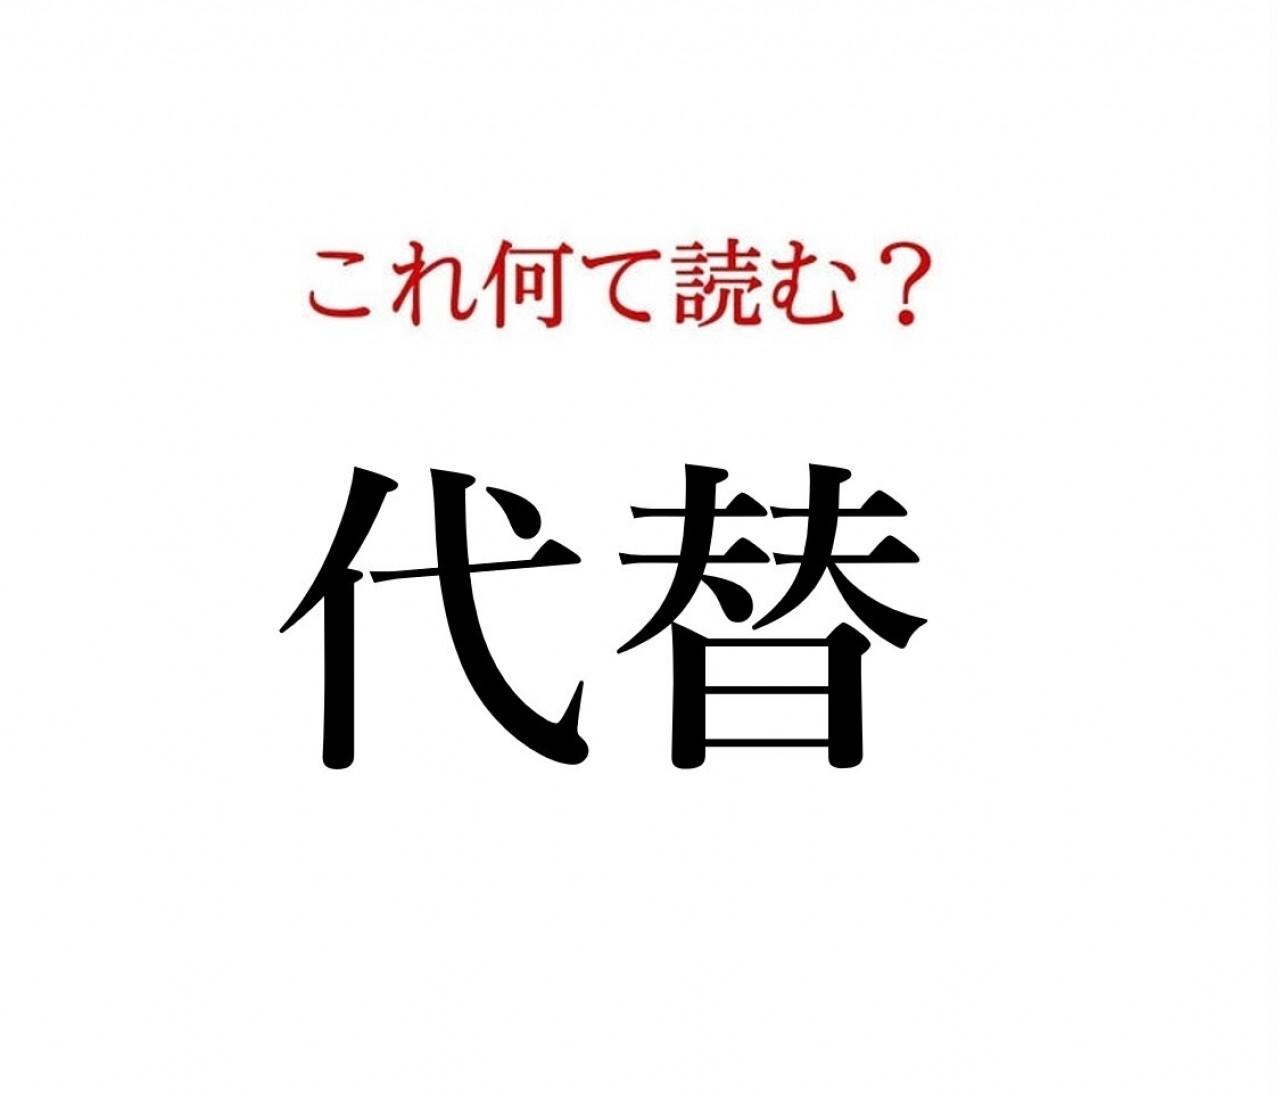 「代替」:この漢字、自信を持って読めますか?【働く大人の漢字クイズvol.311】